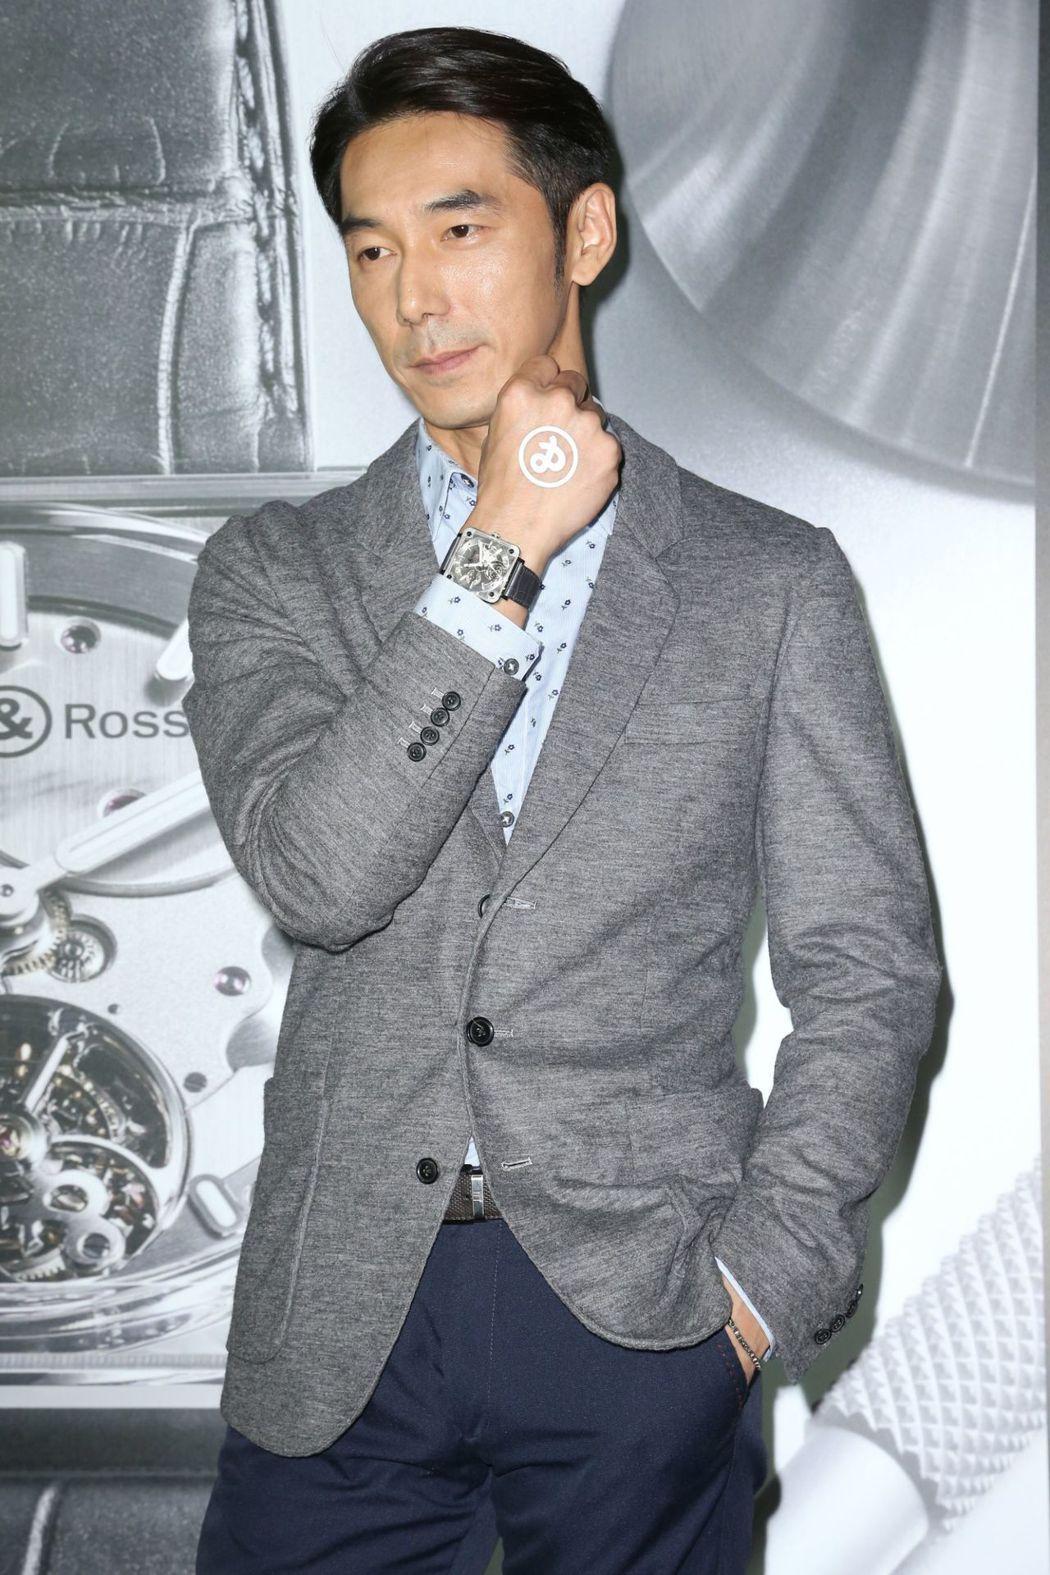 李李仁覺得戴表走秀最難了,因為手都要維持同一姿勢,有些不習慣。記者陳立凱/攝影